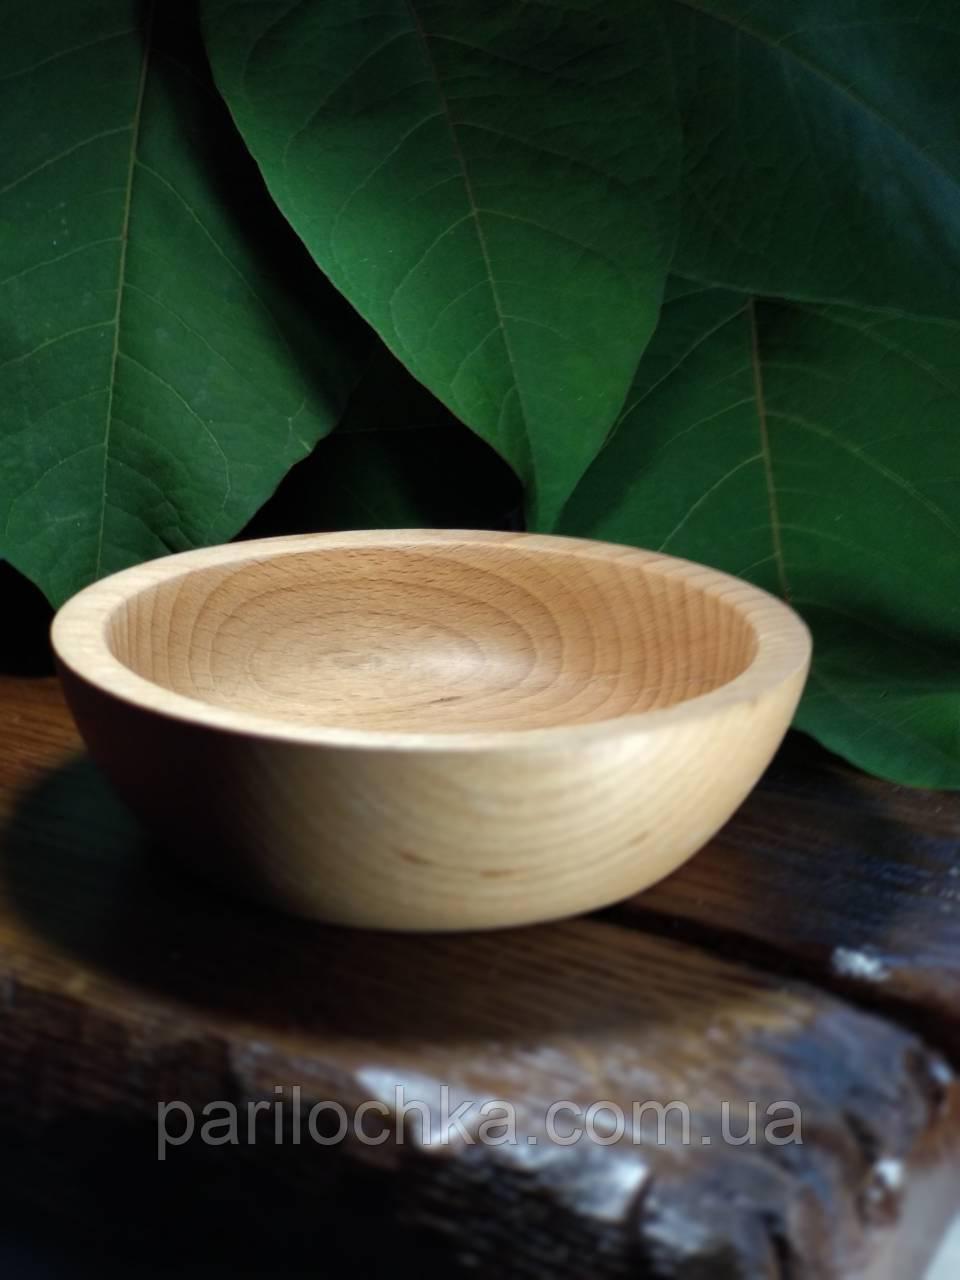 Глубокие деревянные тарелки